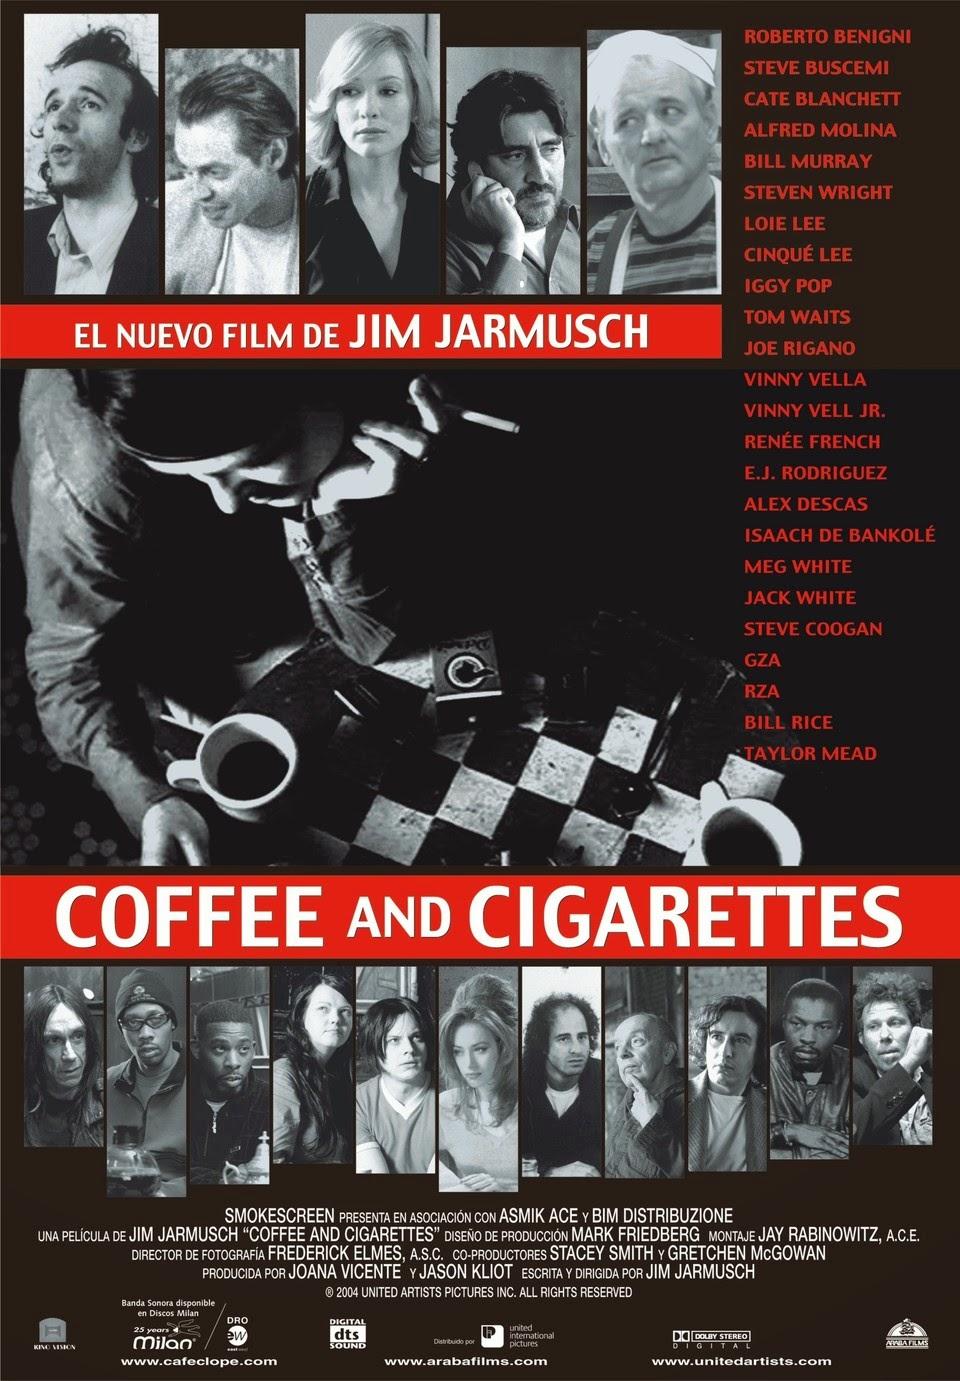 El tabaco en el cine - 101 dálmatas - El Señor de los Anillos - Casablanca - Kill Bill - Coffee and Cigarettes - Fumar en películas - el troblogdita - el fancine